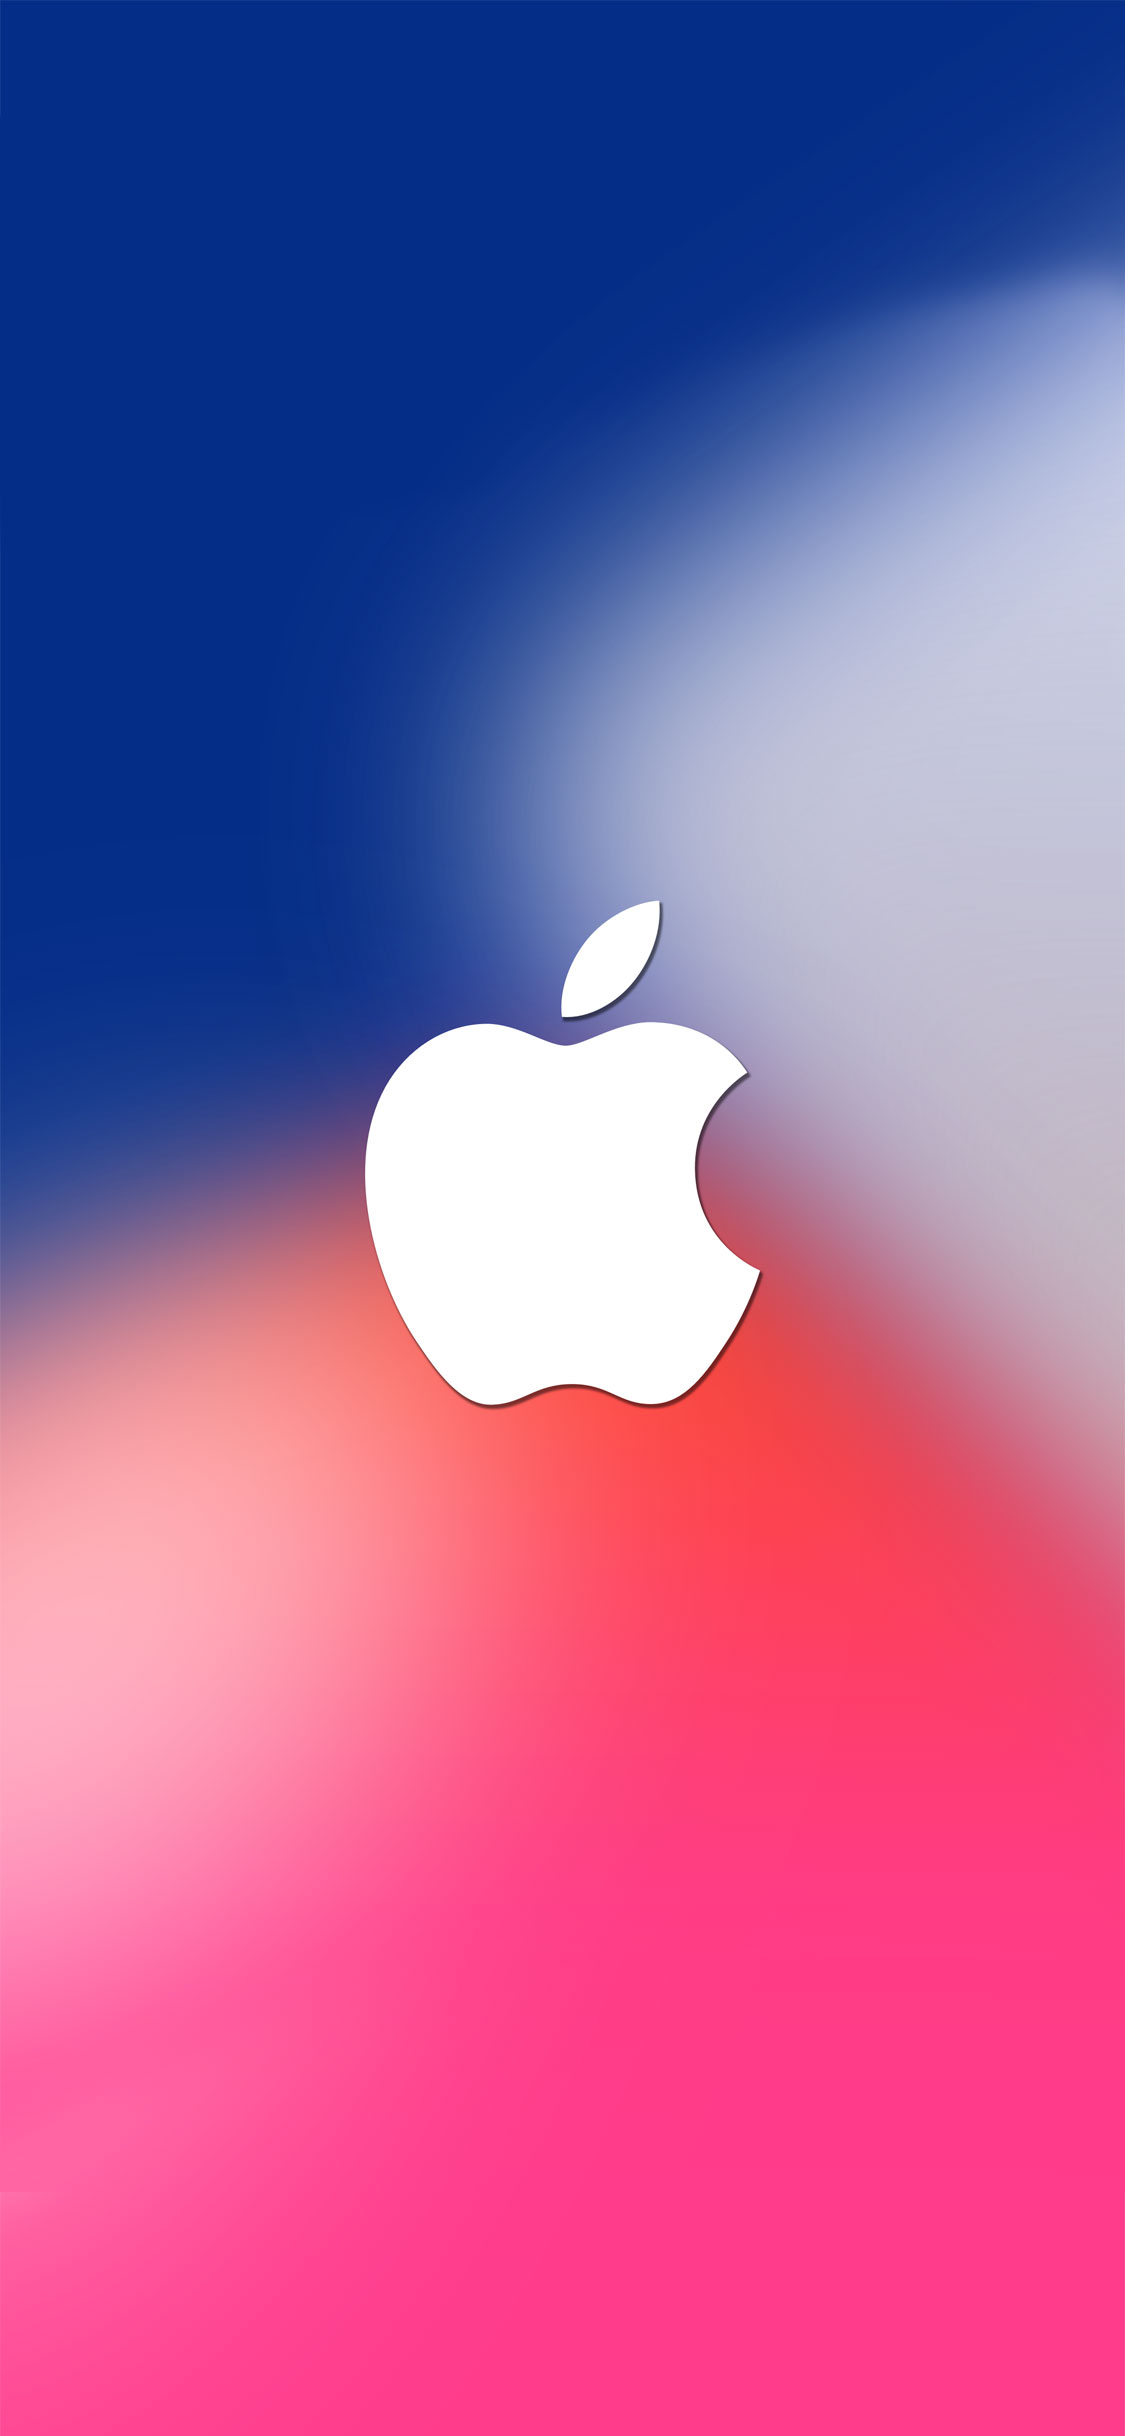 صور خلفيات الايفون الرسمية لهاتف Apple Iphone X الجديد 2017 عالم الصور